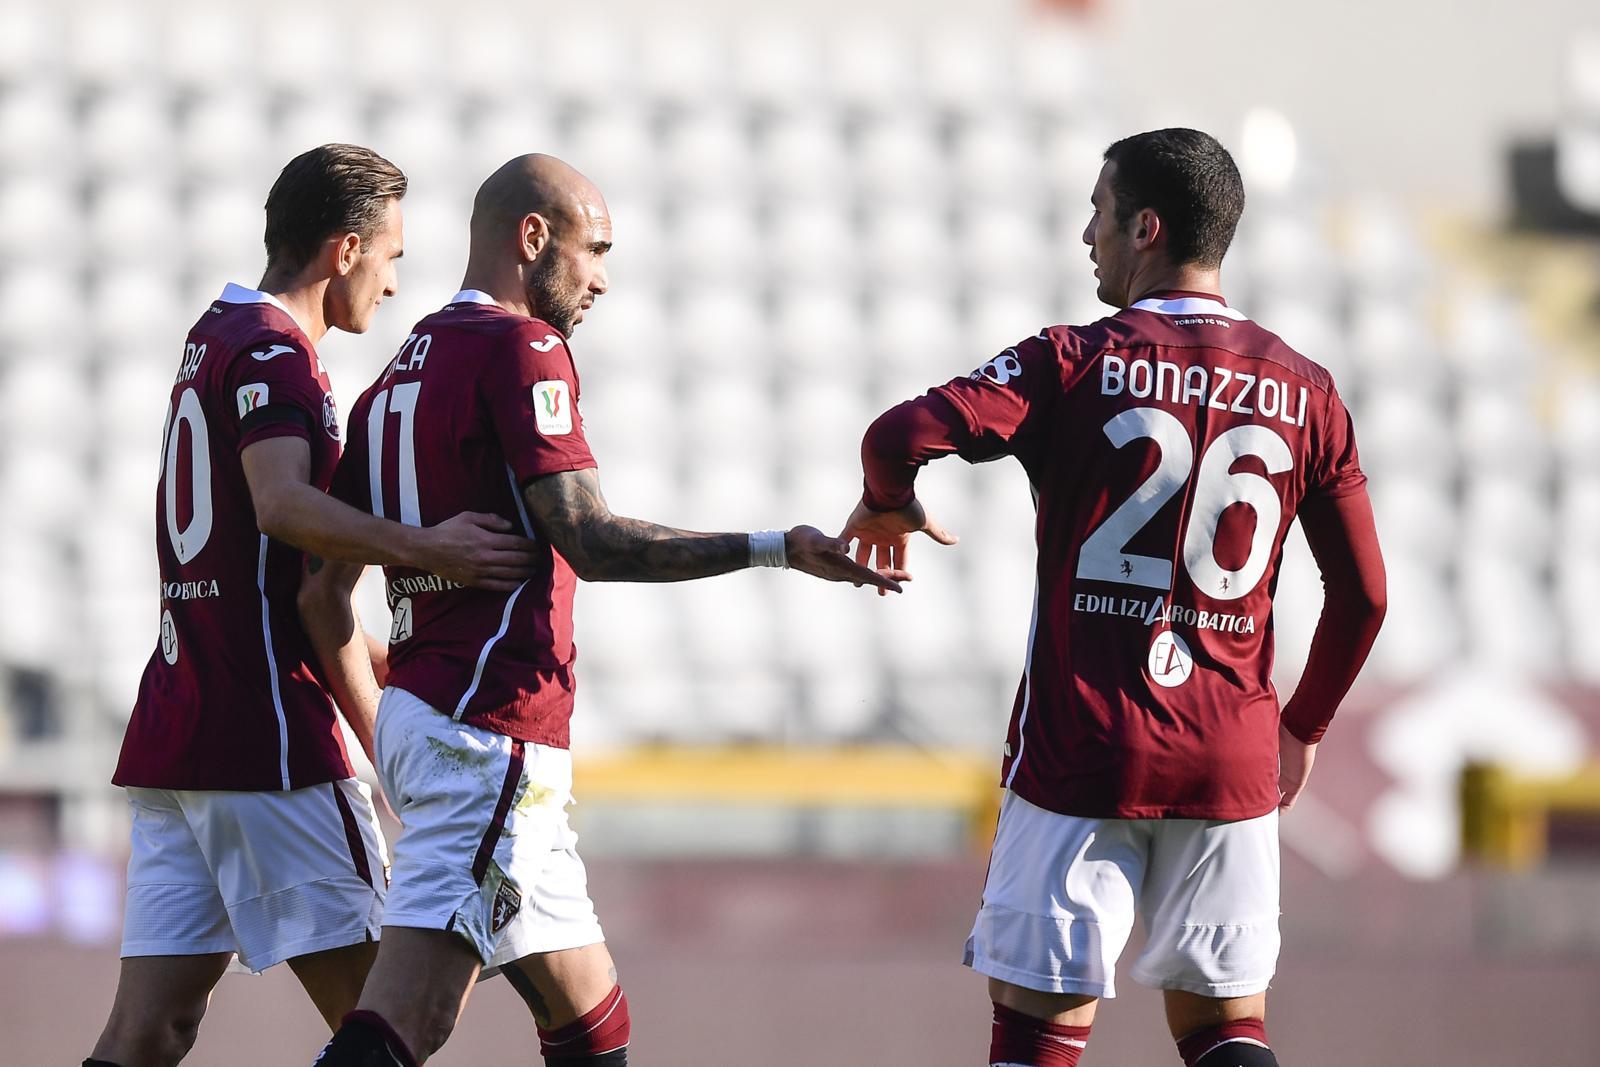 Coppa Italia, Zaza e Bonazzoli gol: il Torino vola agli ottavi